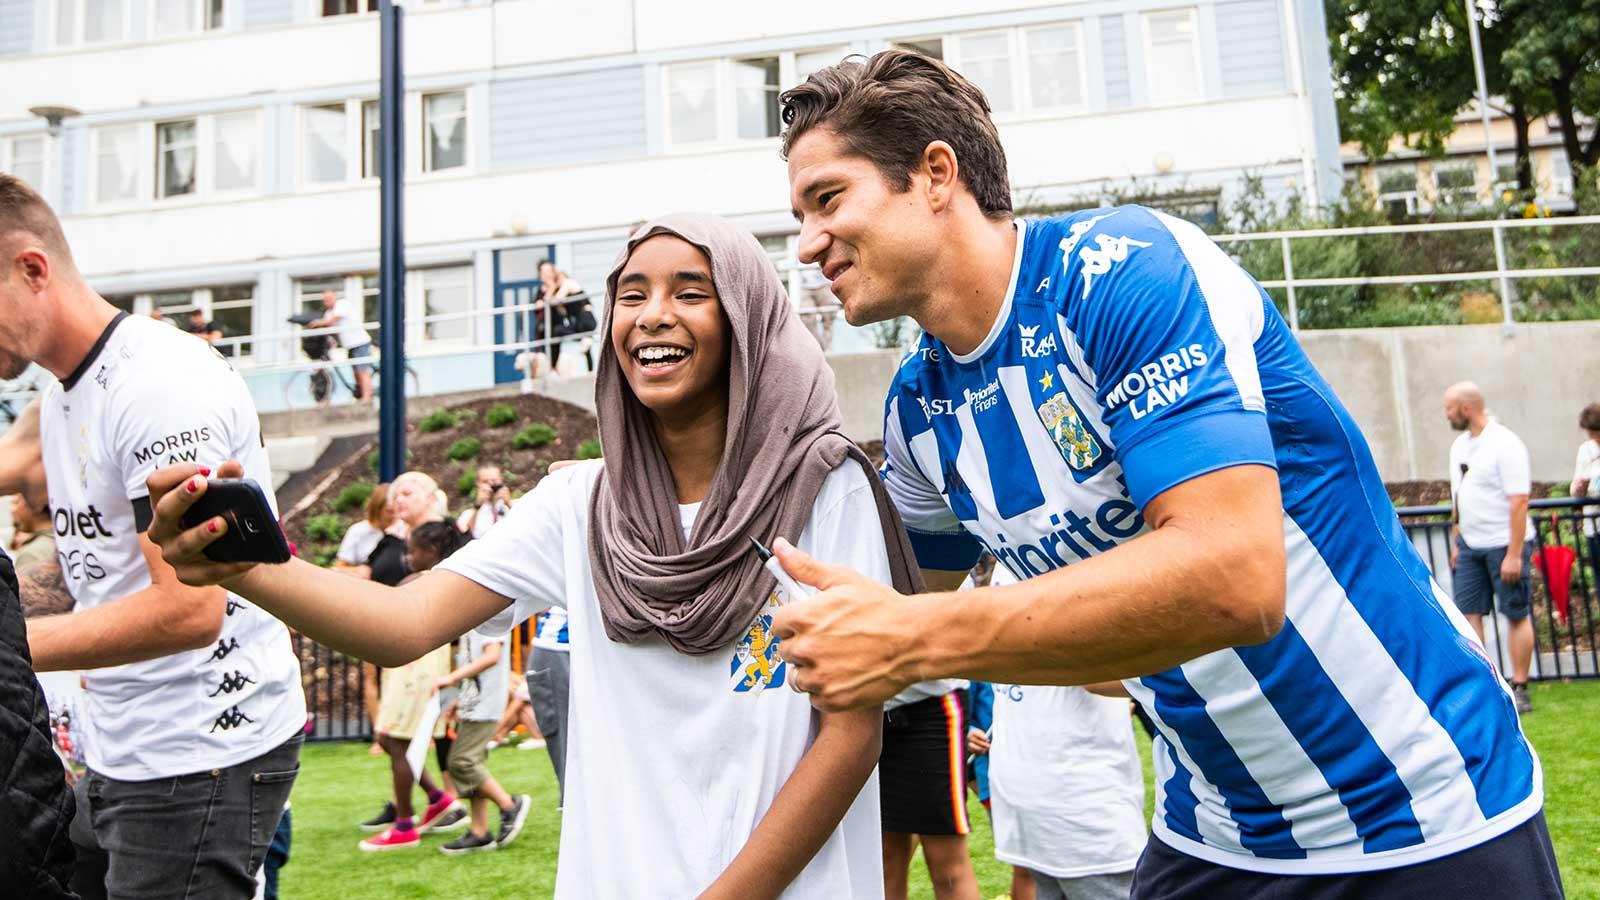 """180808 EN flicka tar en bild med IFK Göteborgs David Boo Wiklander under invigningen av den första fotbollsplanen i """"Planer för Framtiden"""" den 8 augusti 2018 i Göteborg."""